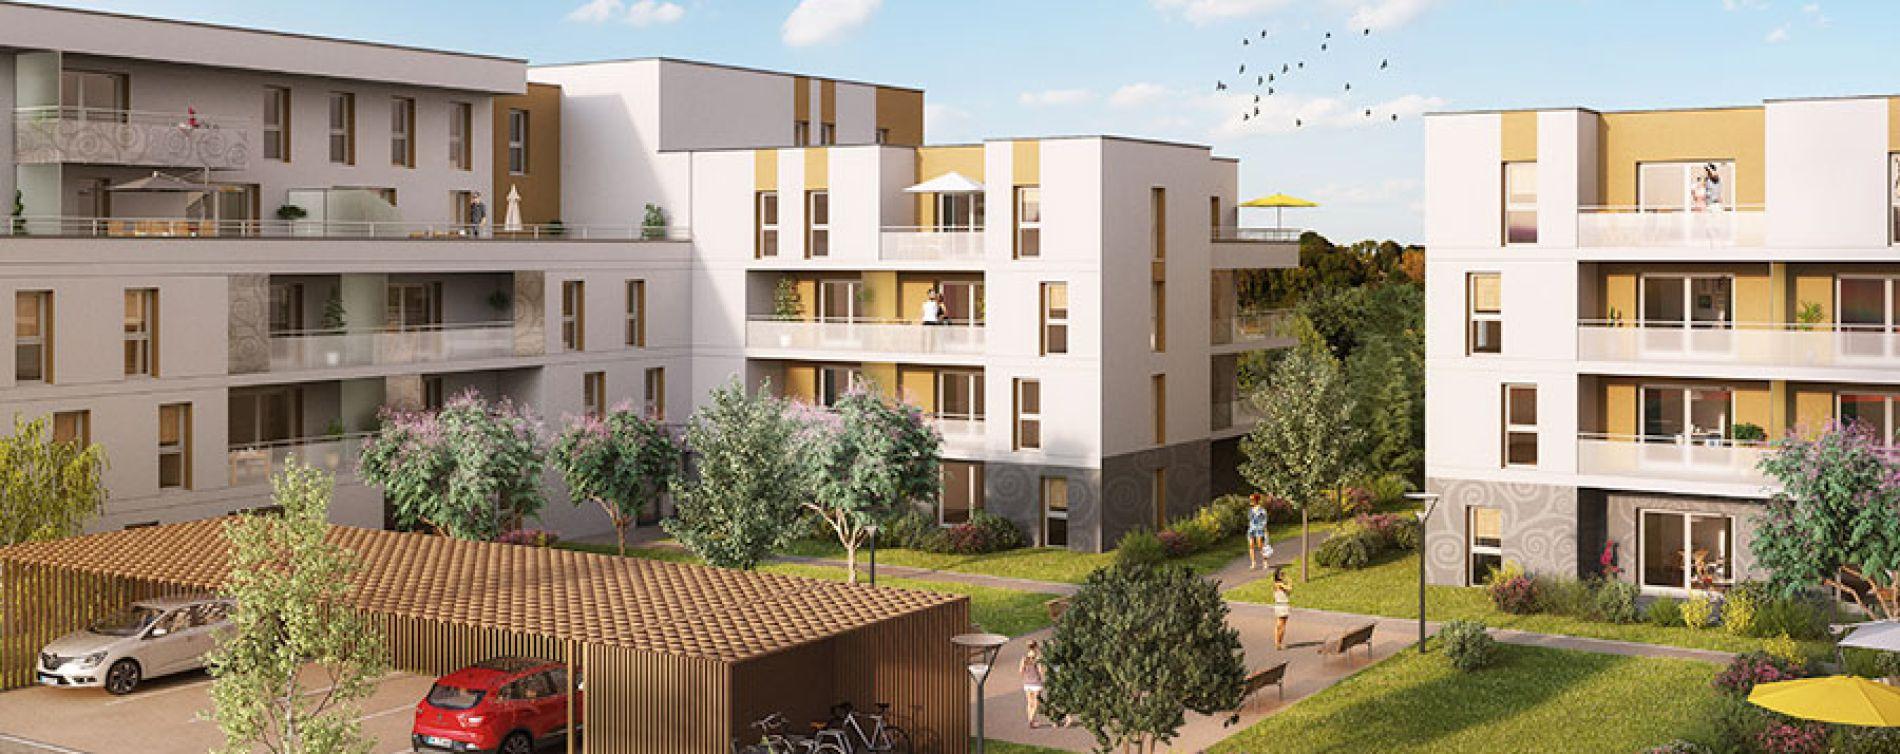 Résidence Parc2Cé à Angers